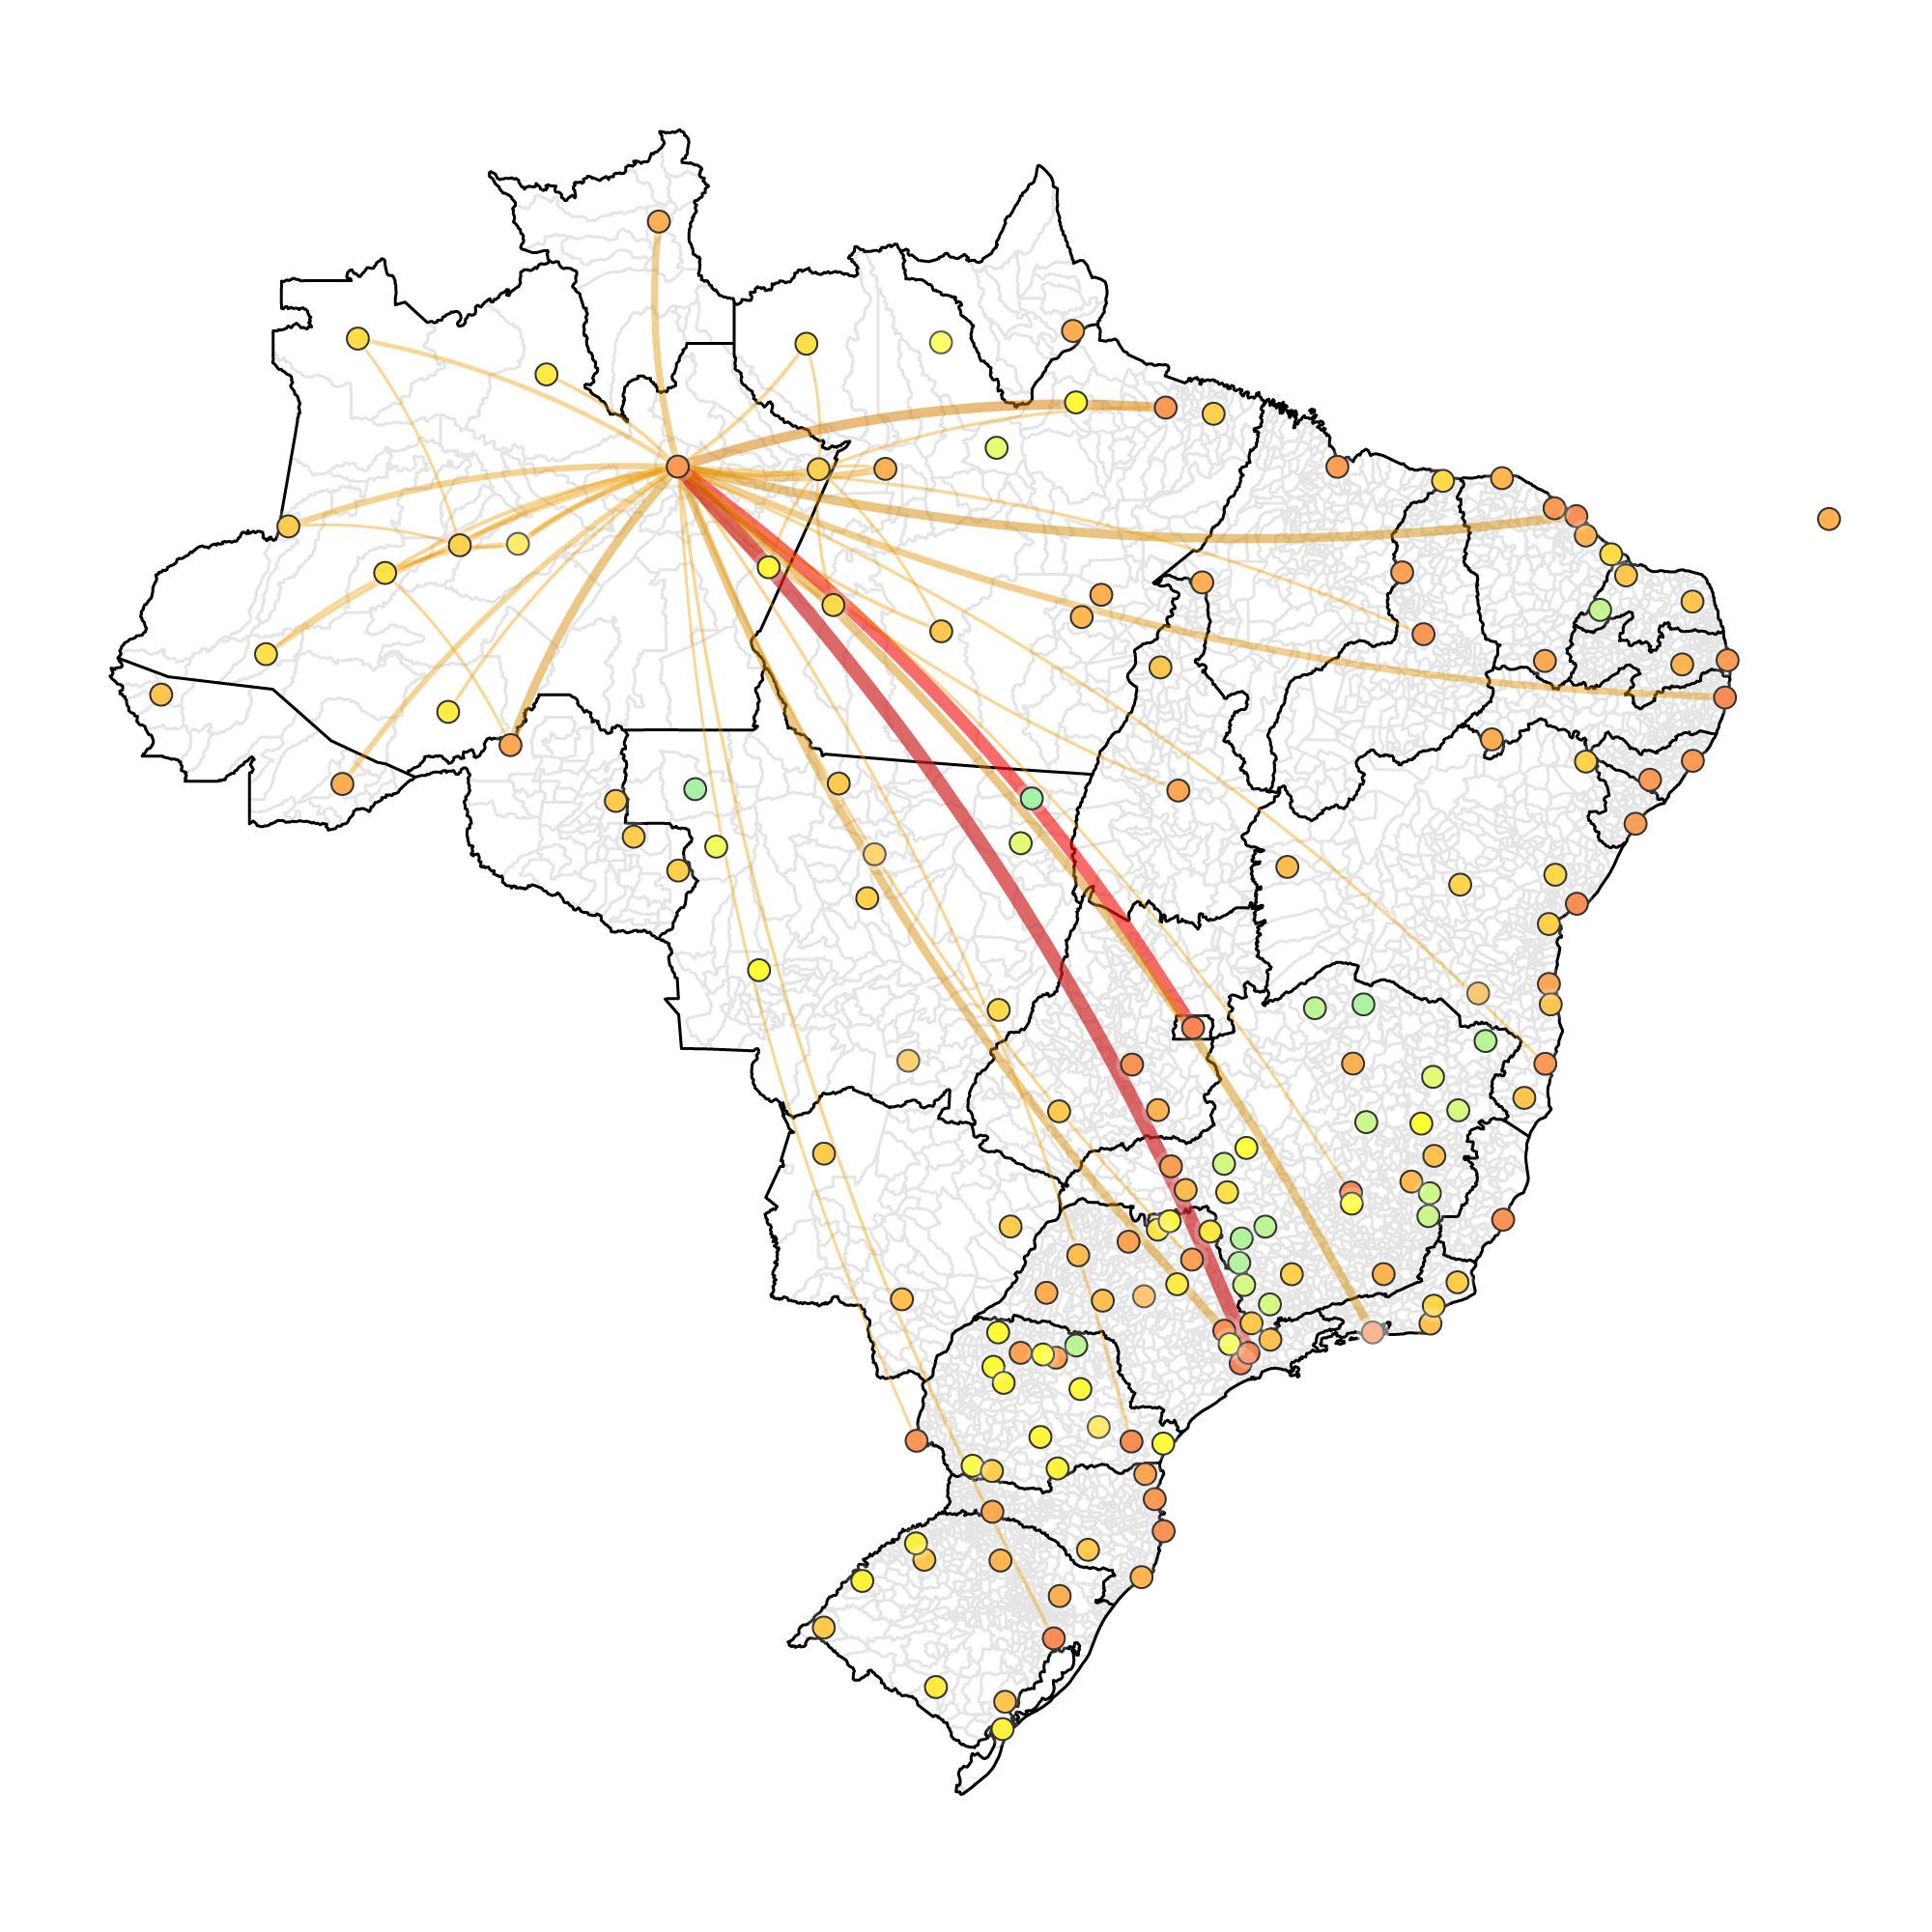 Representação da vulnerabilidade dos aeroportos brasileiros a partir do número de passageiros saindo dos aeroportos do Amazonas